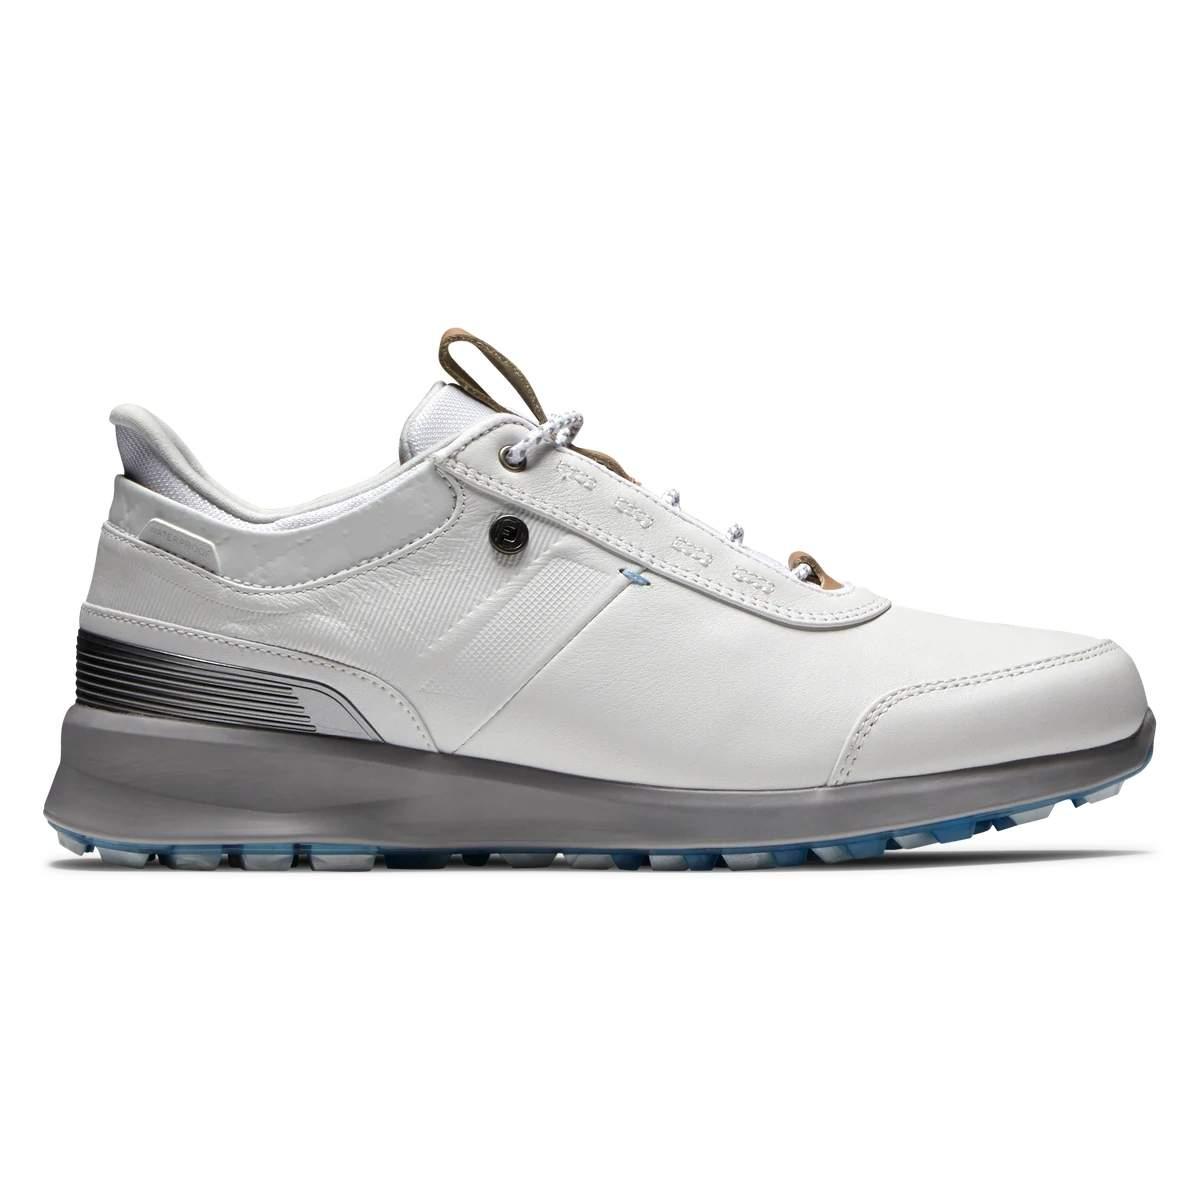 FootJoy Women's Stratos Golf Shoe - White 90111